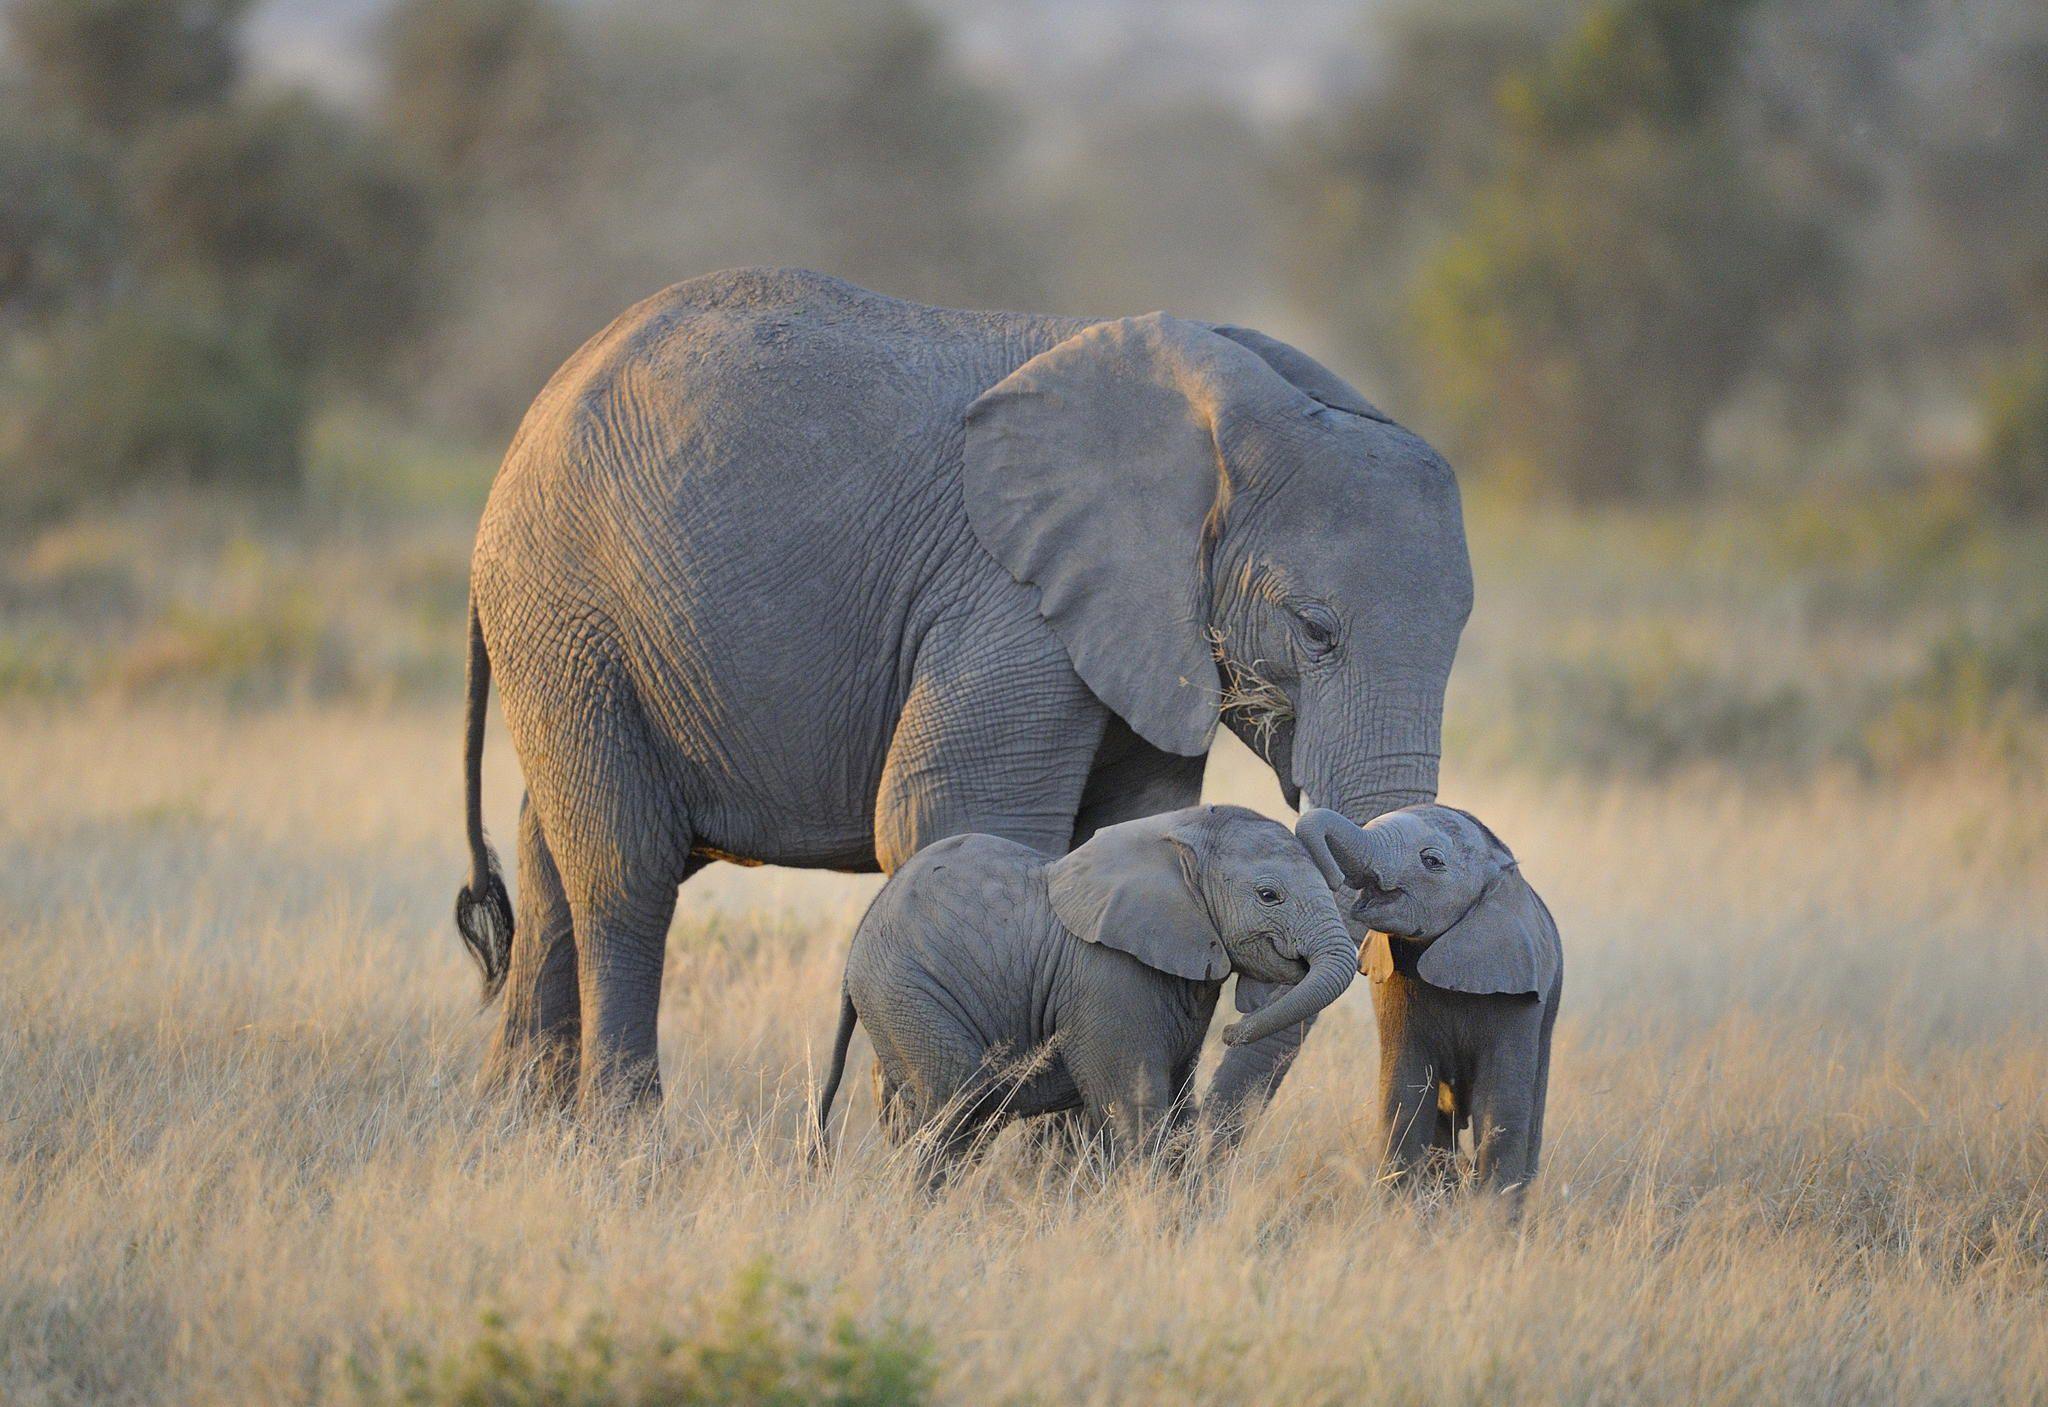 حيوانات المرسال Elephants.jpg